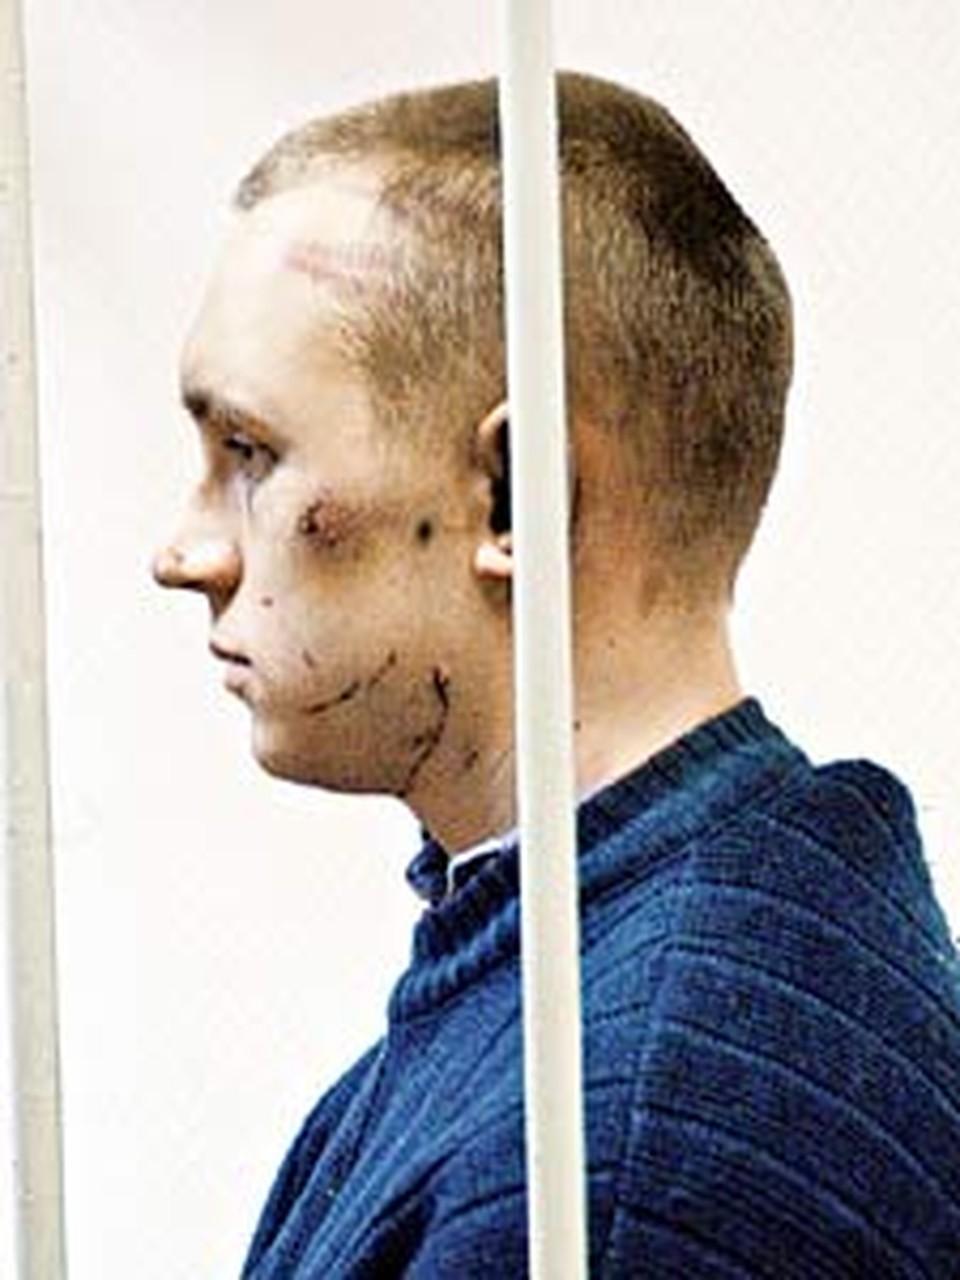 Врачи обнаружили у обвиняемого  расстройство психики. Однако он считается полностью вменяемым.